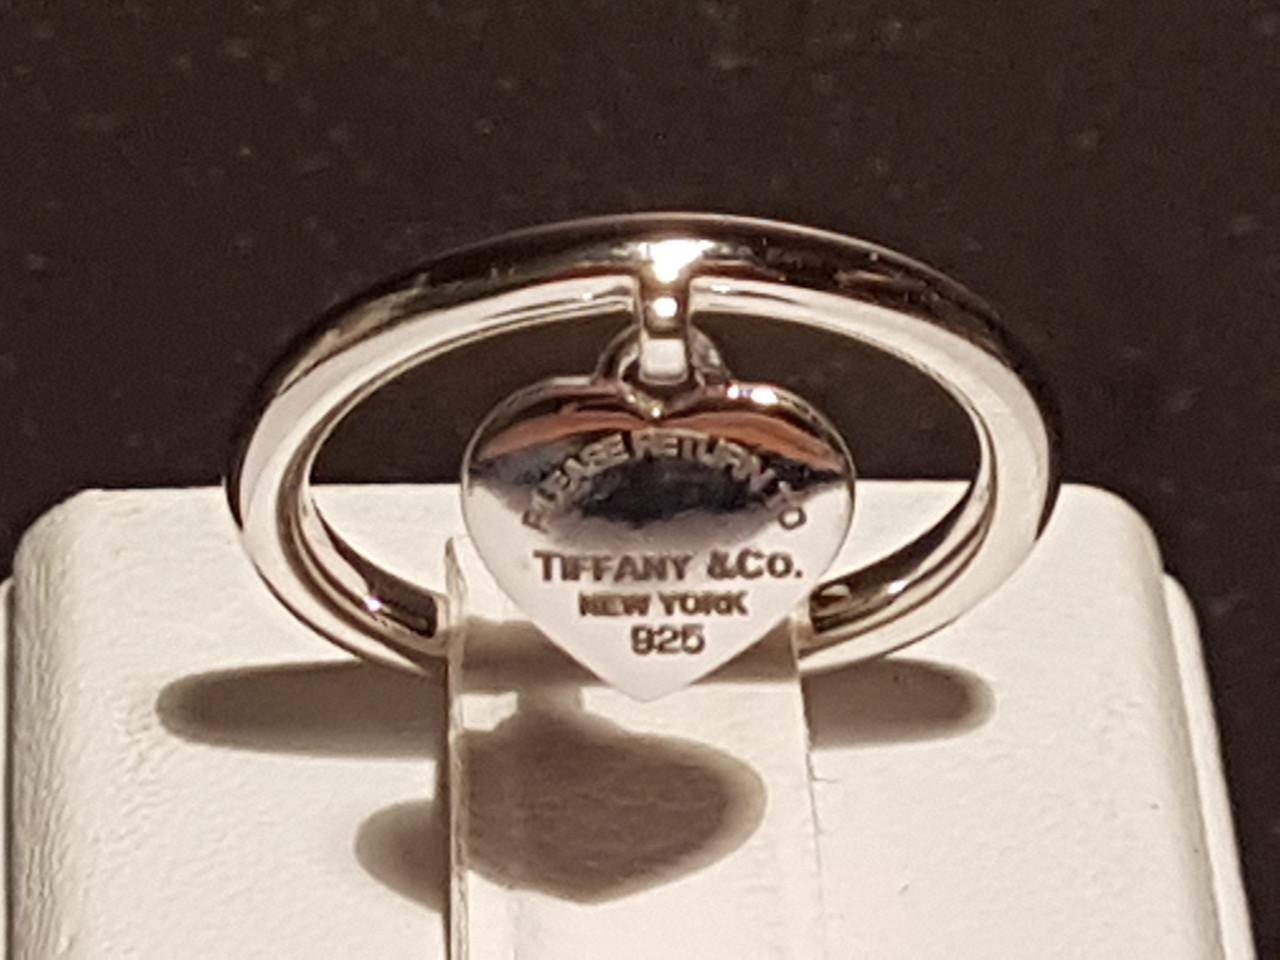 Серебряное кольцо. Артикул 901-00723 17